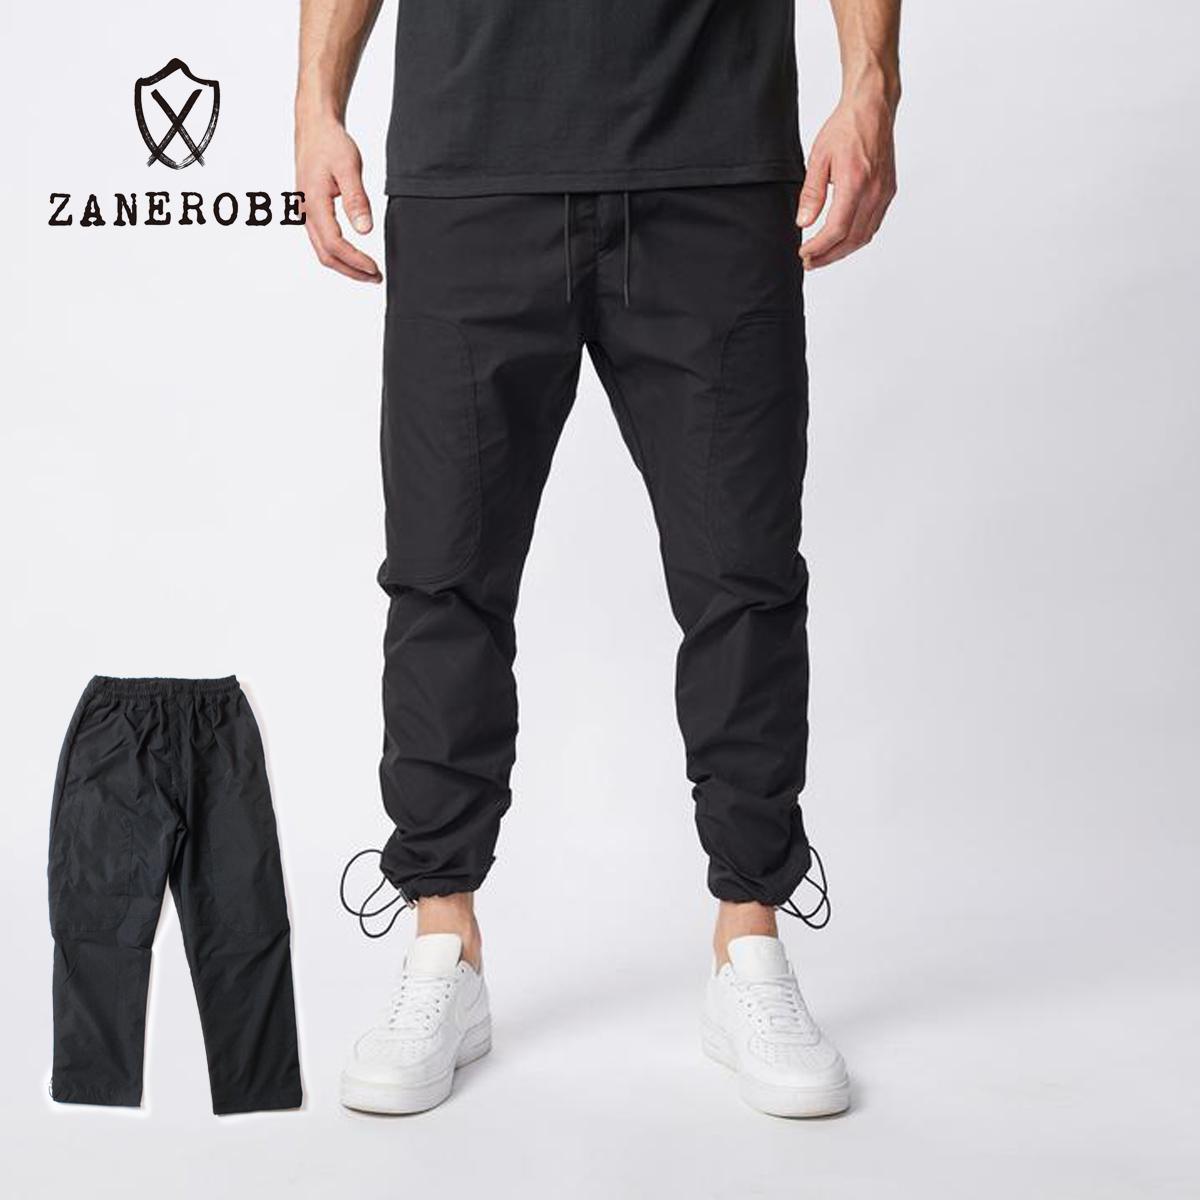 ZANEROBE ゼインローブ JUMPA TECH PANT メンズ ブラック 29-34【ジョガーパンツ リラックスフィット パンツ スラックス イージーパンツ おしゃれ 細身 上品 無地 シンプル ブランド 黒】